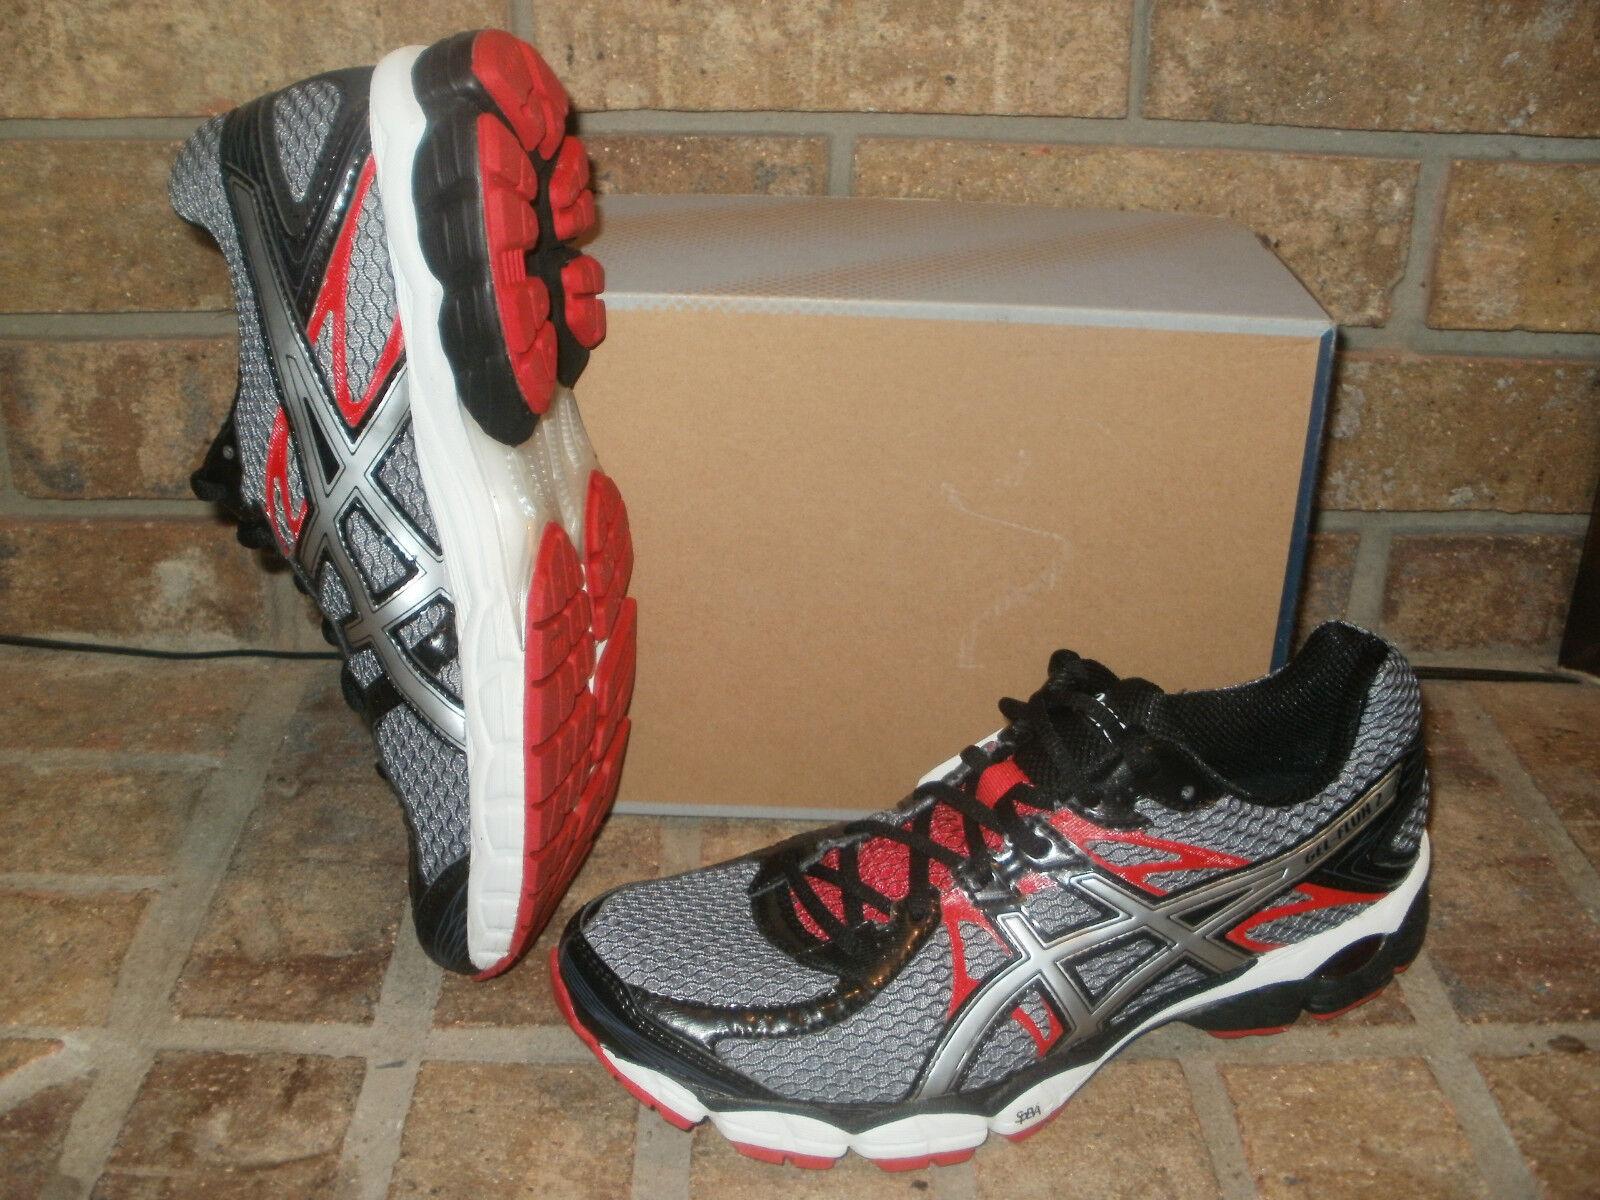 New Asics Gel Flux 2 Uomo Uomo Uomo Running Shoe T518N 7491 Carbon-Lightning-Red  99 10bca2